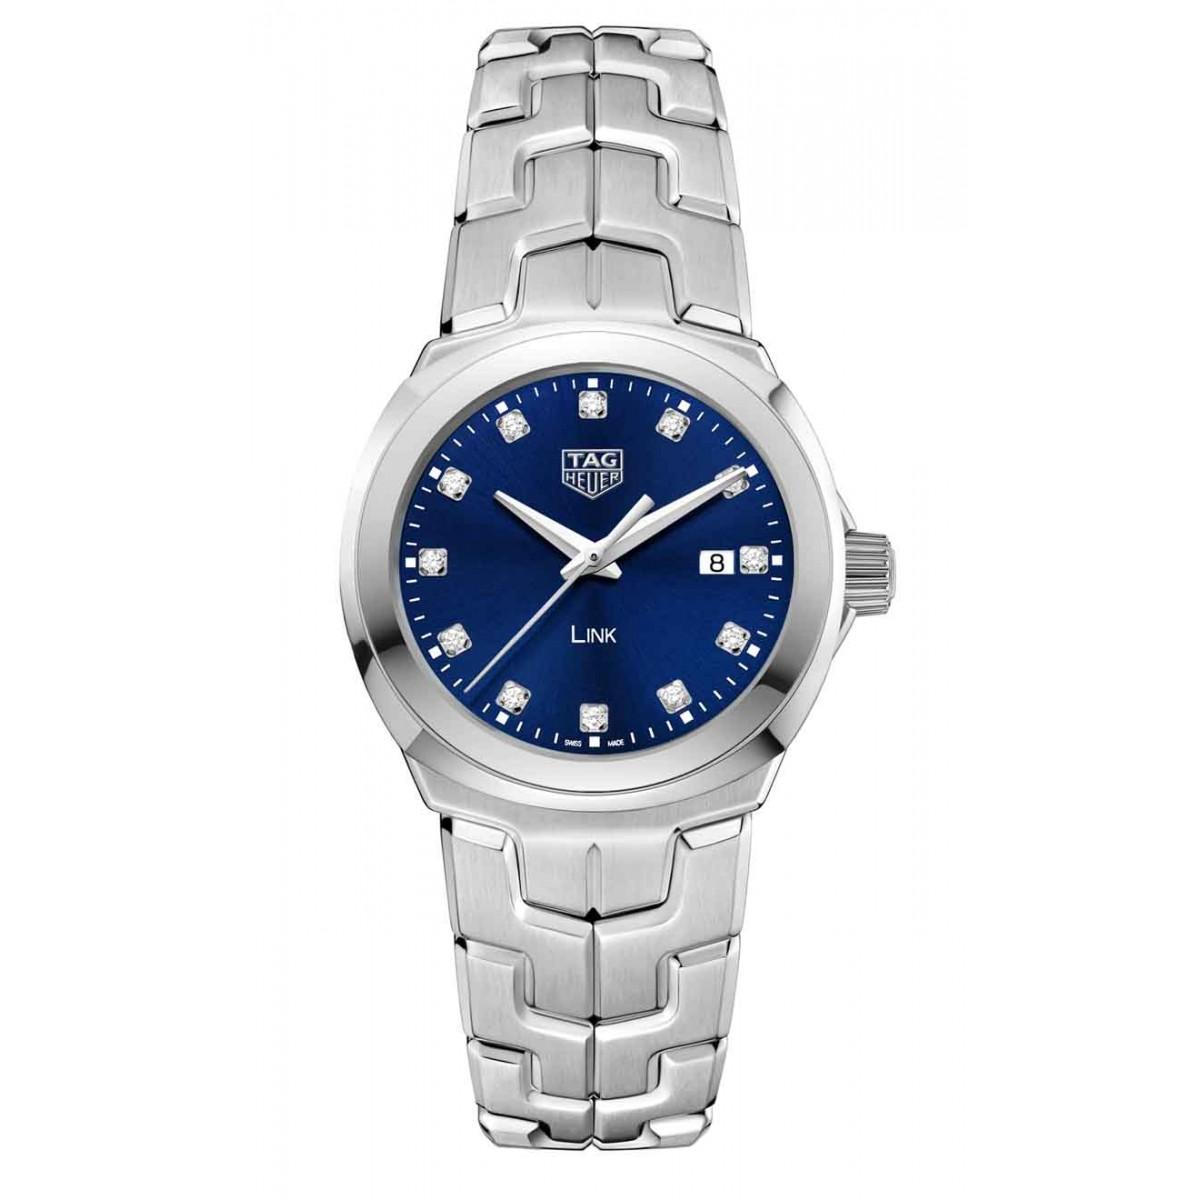 TAG HEUER LINK Quartz 100 M - ∅32 mm, Esfera azul diamantes, acero